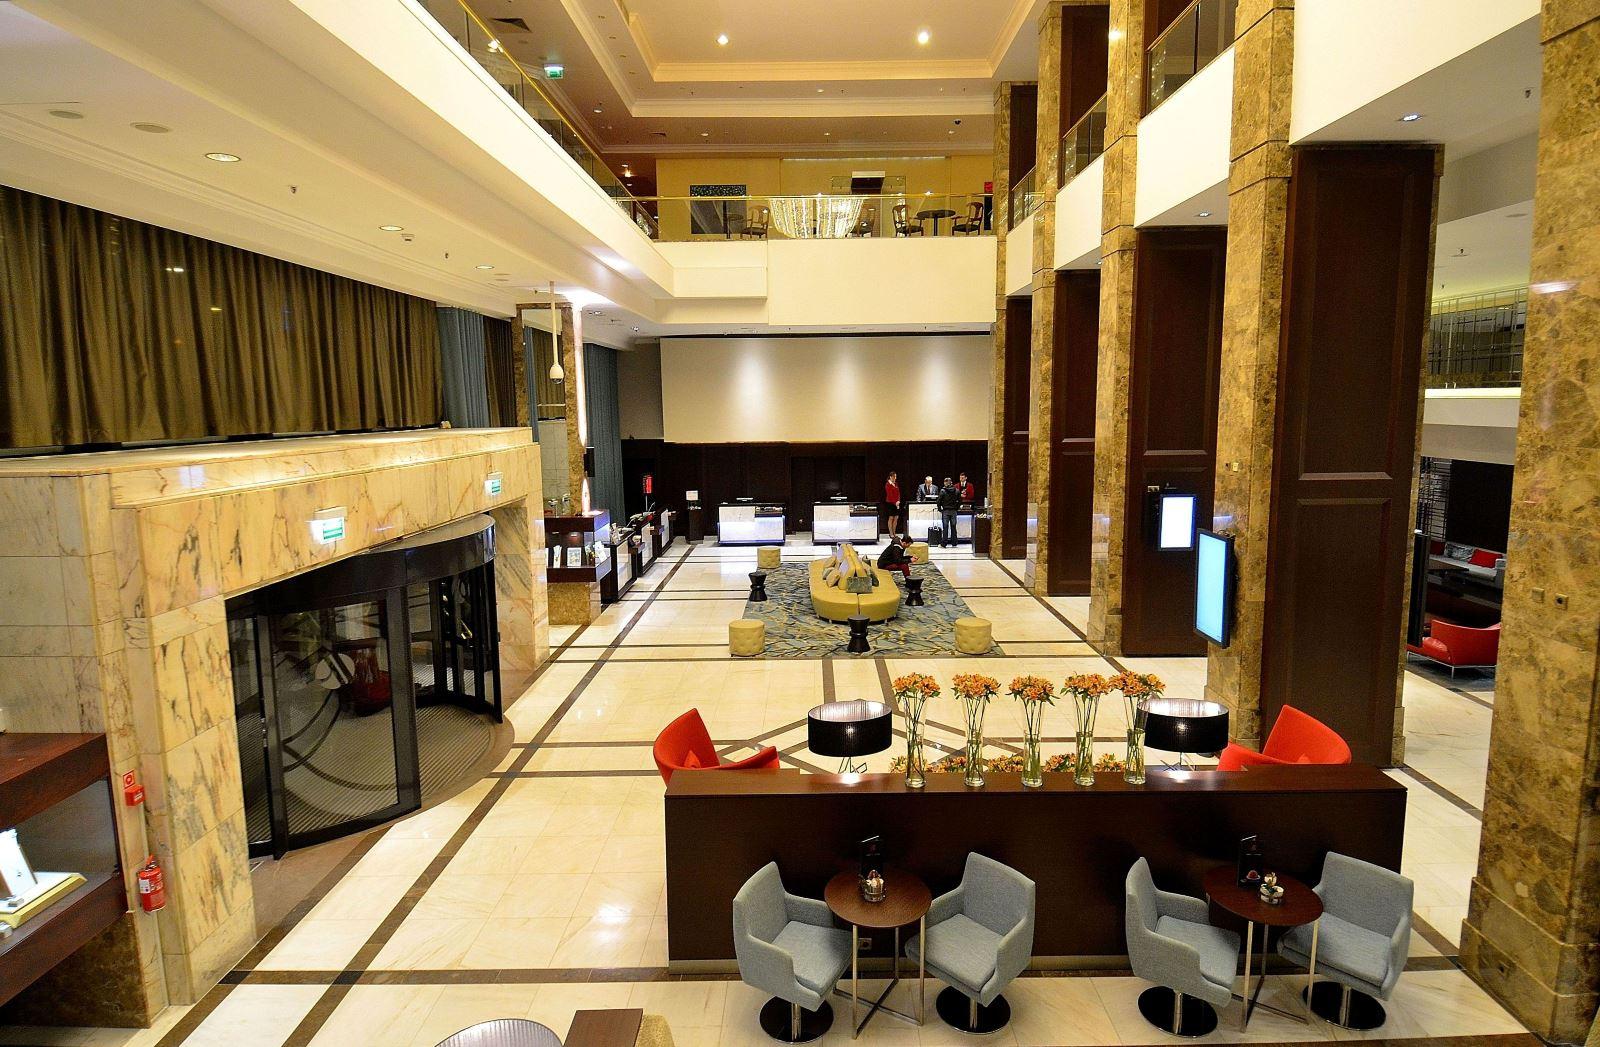 Hotel Marriott Warszawa - lobby